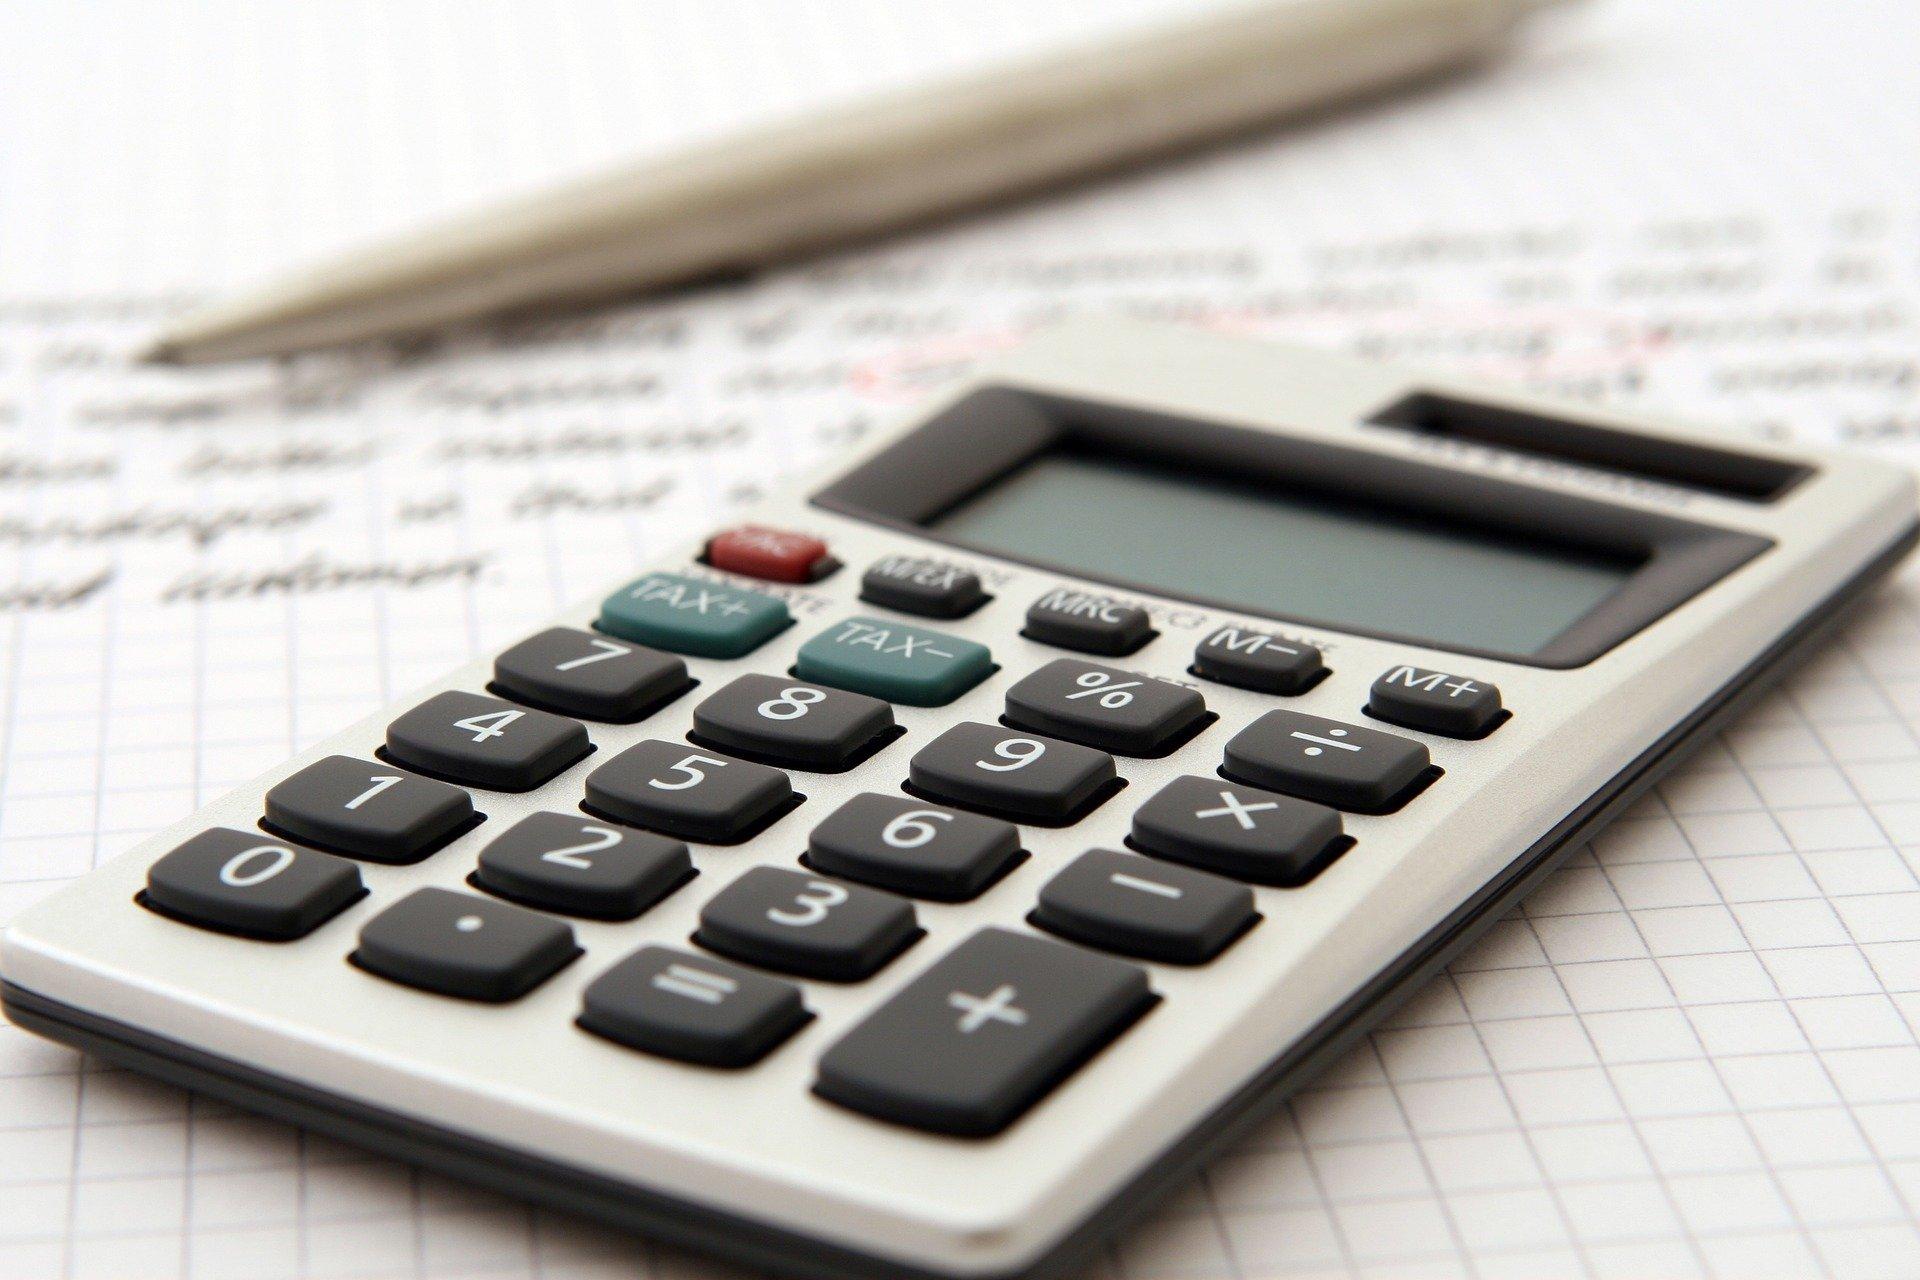 Vemos uma calculadora em cima de um papel com anotações (imagem ilustrativa). Texto: franquia de recuperação de crédito reduza veículos.